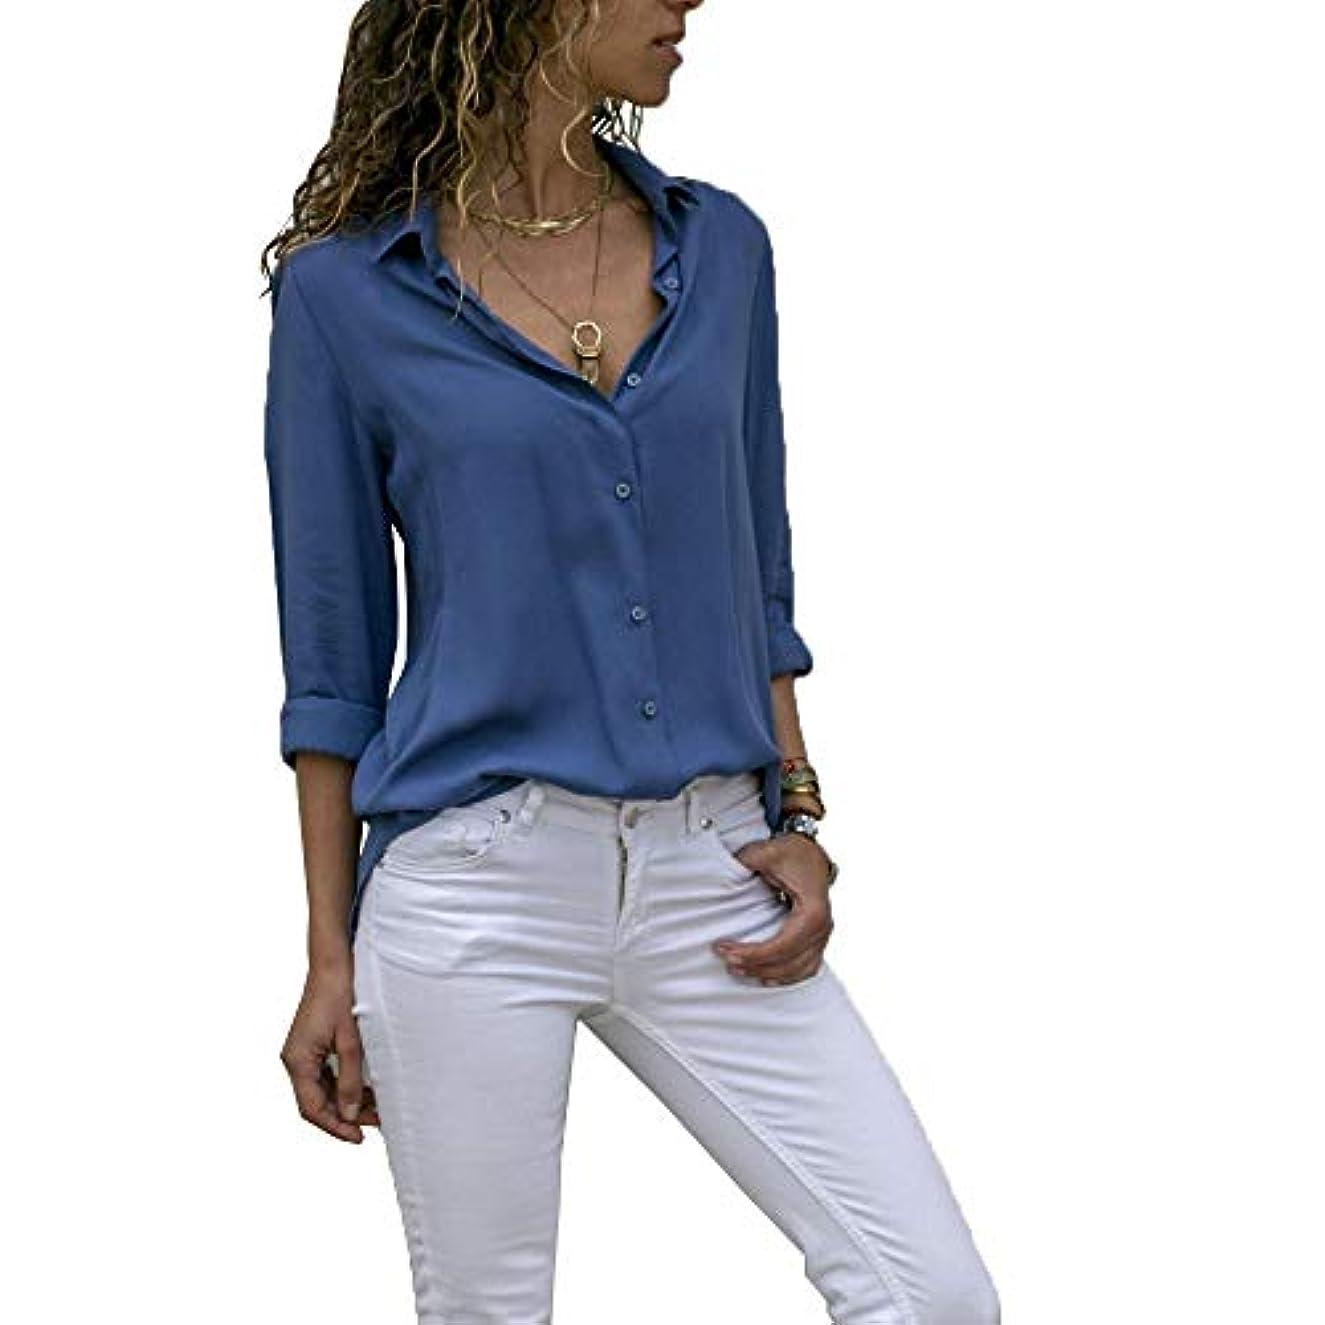 置き場最後に学者MIFAN ルーズシャツ、トップス&Tシャツ、プラスサイズ、トップス&ブラウス、シフォンブラウス、女性トップス、シフォンシャツ